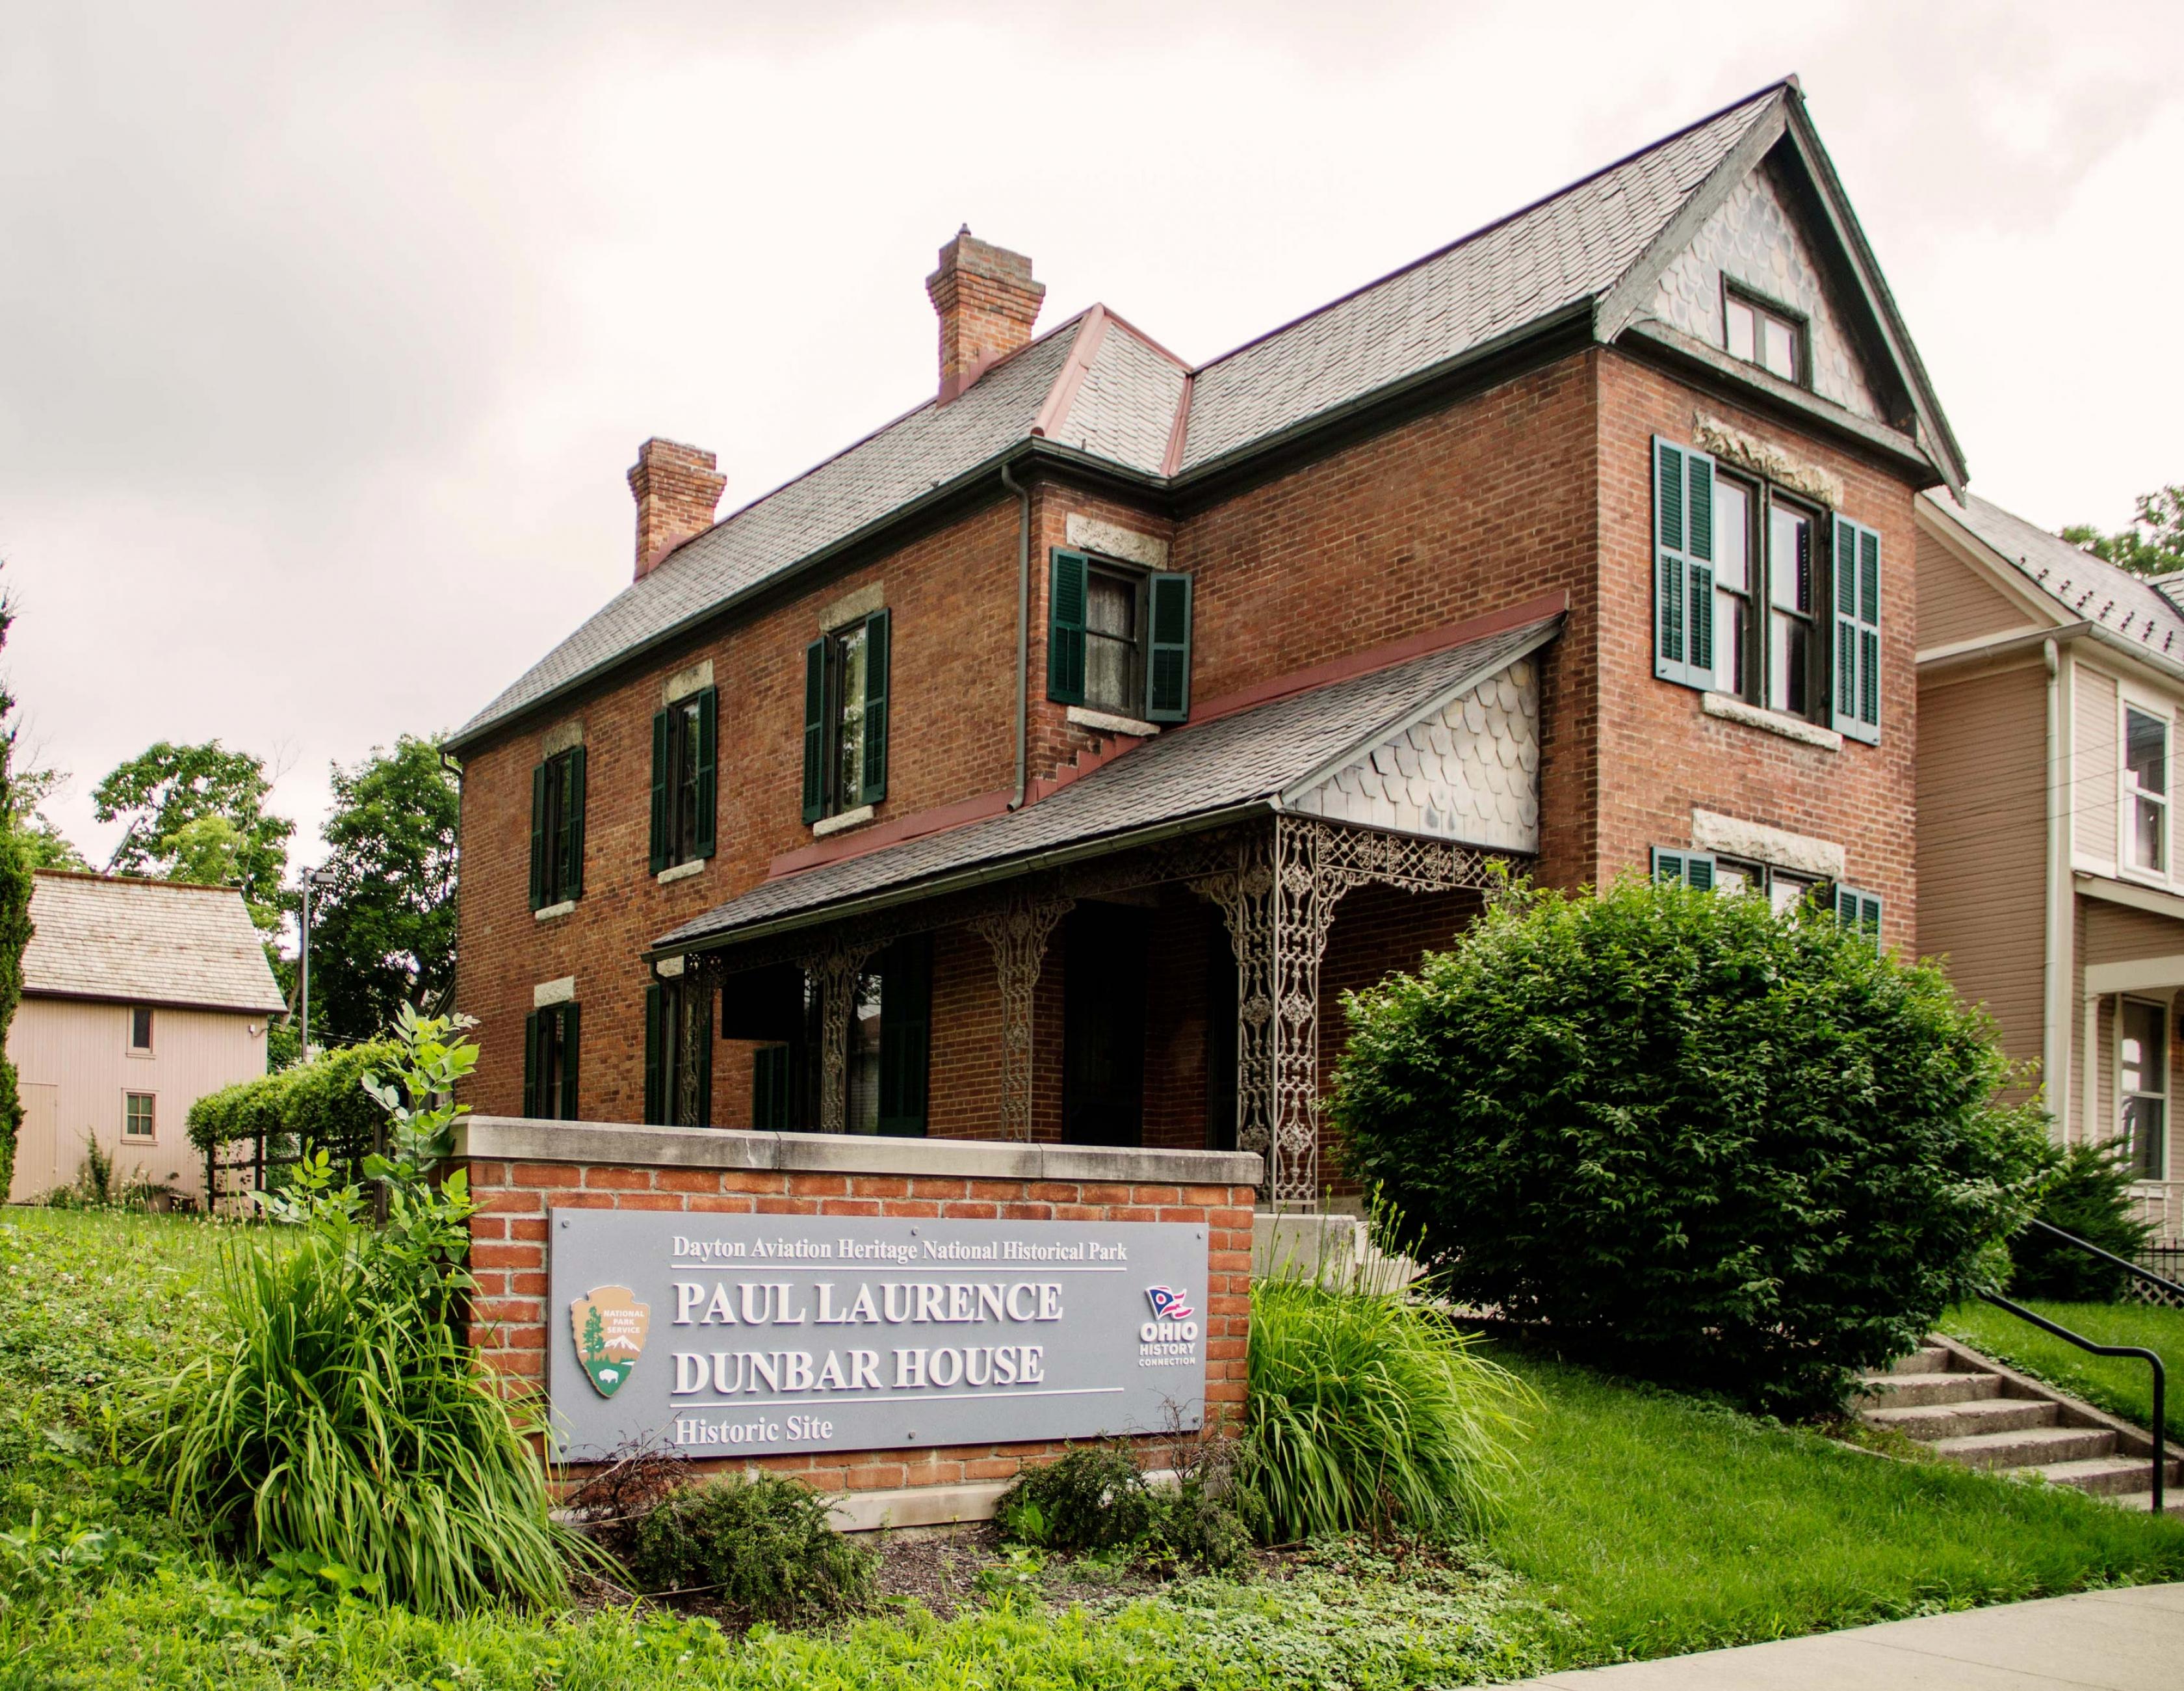 El Paul Laurance Dunbar Casa en Dayton Aviación Parque Histórico.